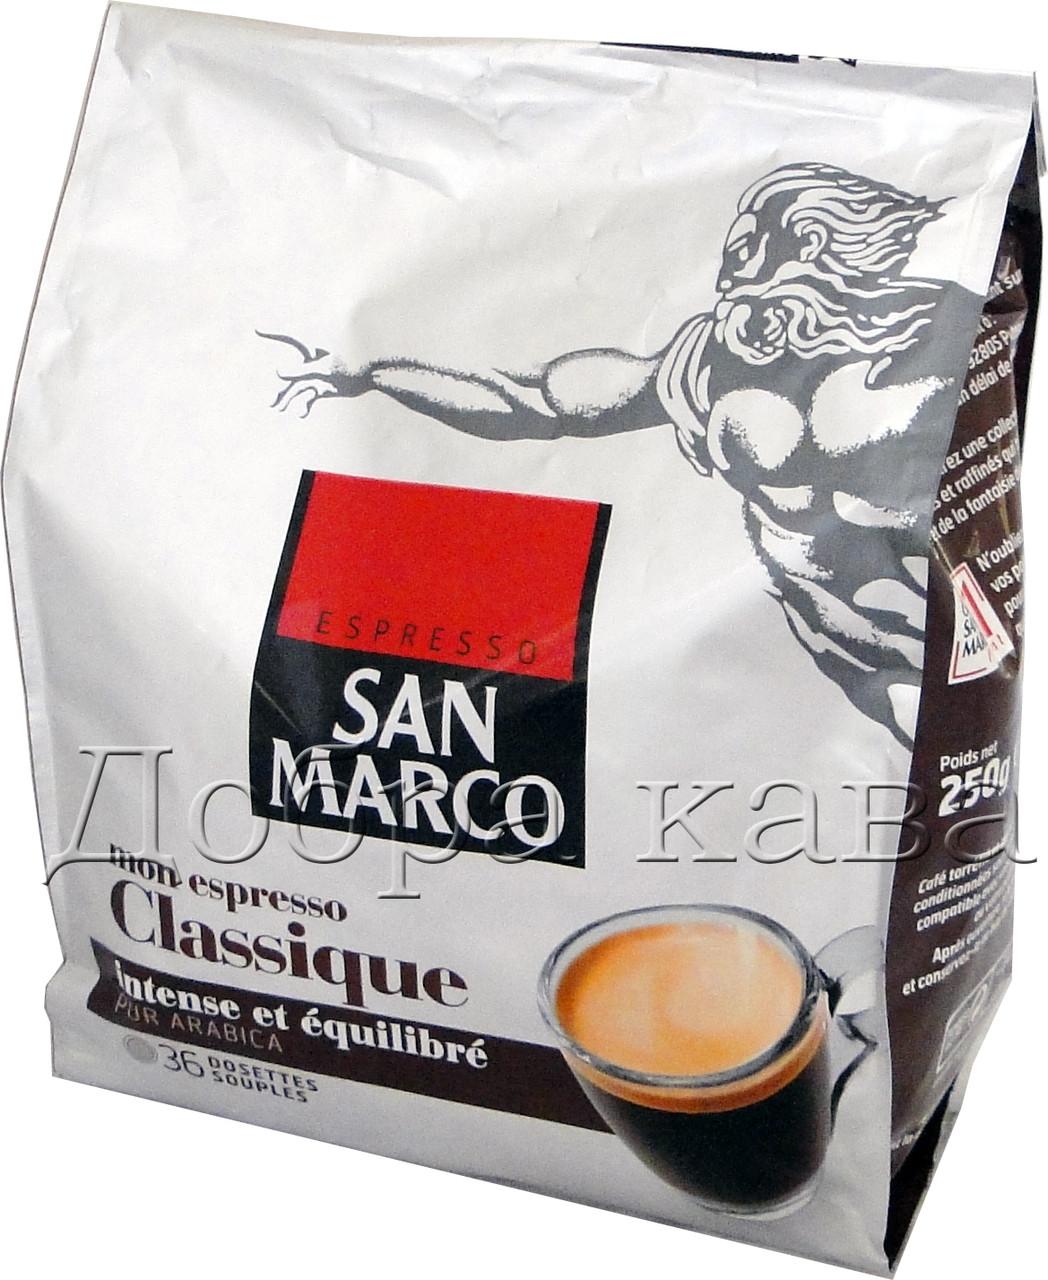 Кофе в чалдах для Philips Senseo 36 шт San Marco CLASSIQUE (100% Арабика)